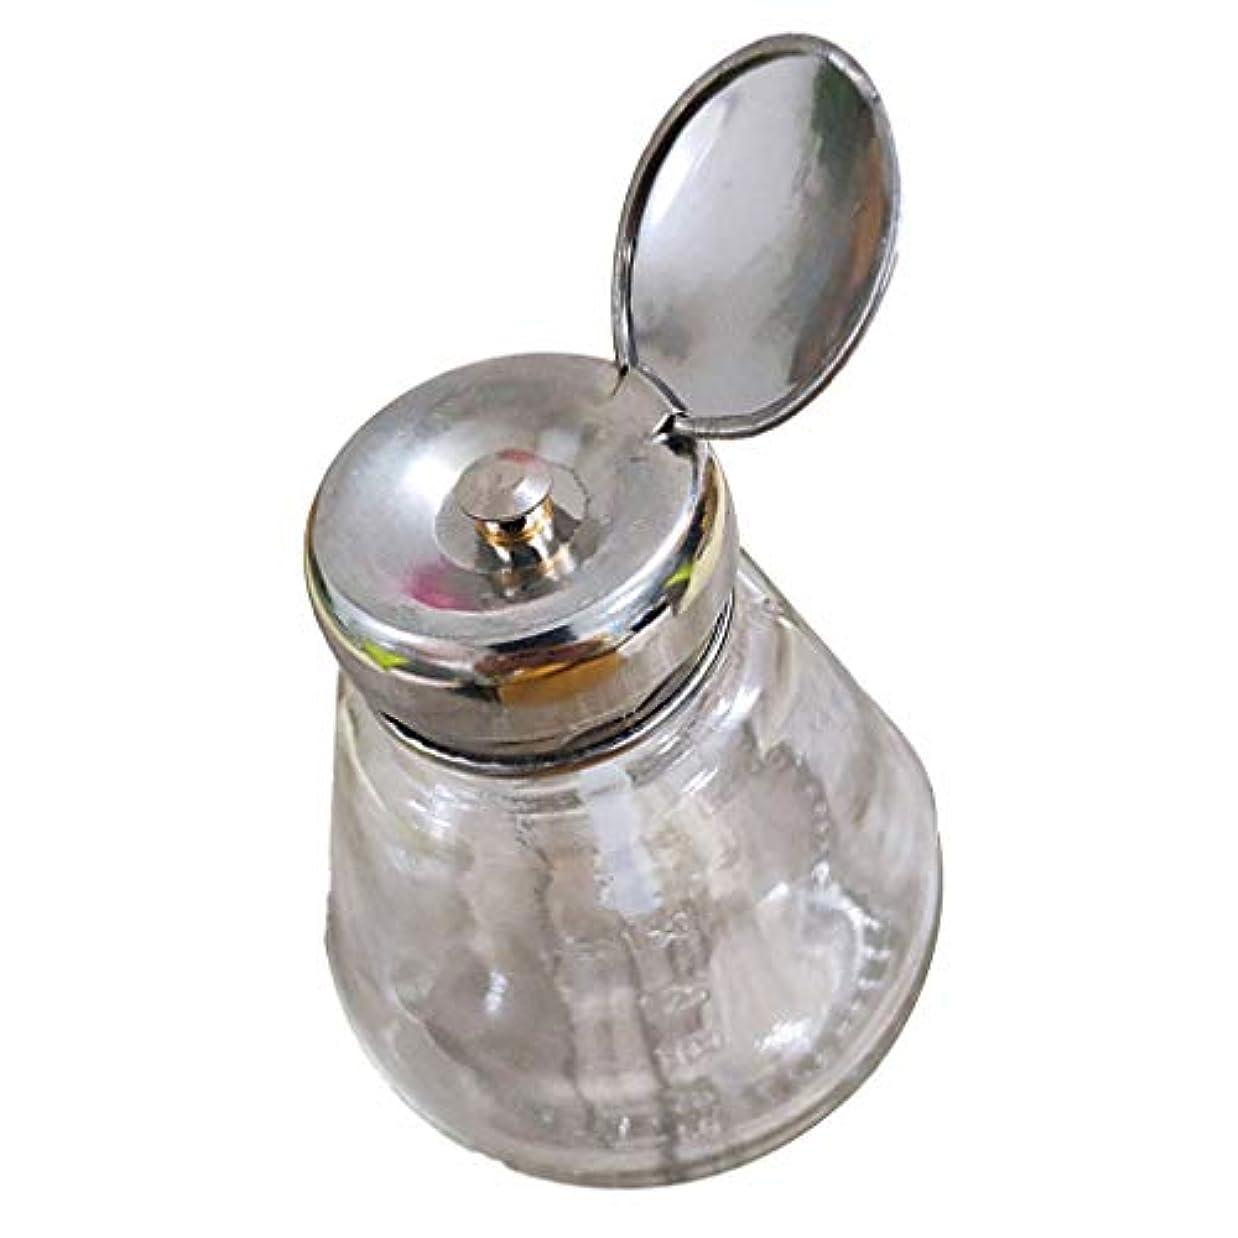 乳剤引き潮予測子空のマニキュアメイク落としポンプディスペンサーガラスプッシュダウンプレスボトル150ミリリットル用アルコールアセトン